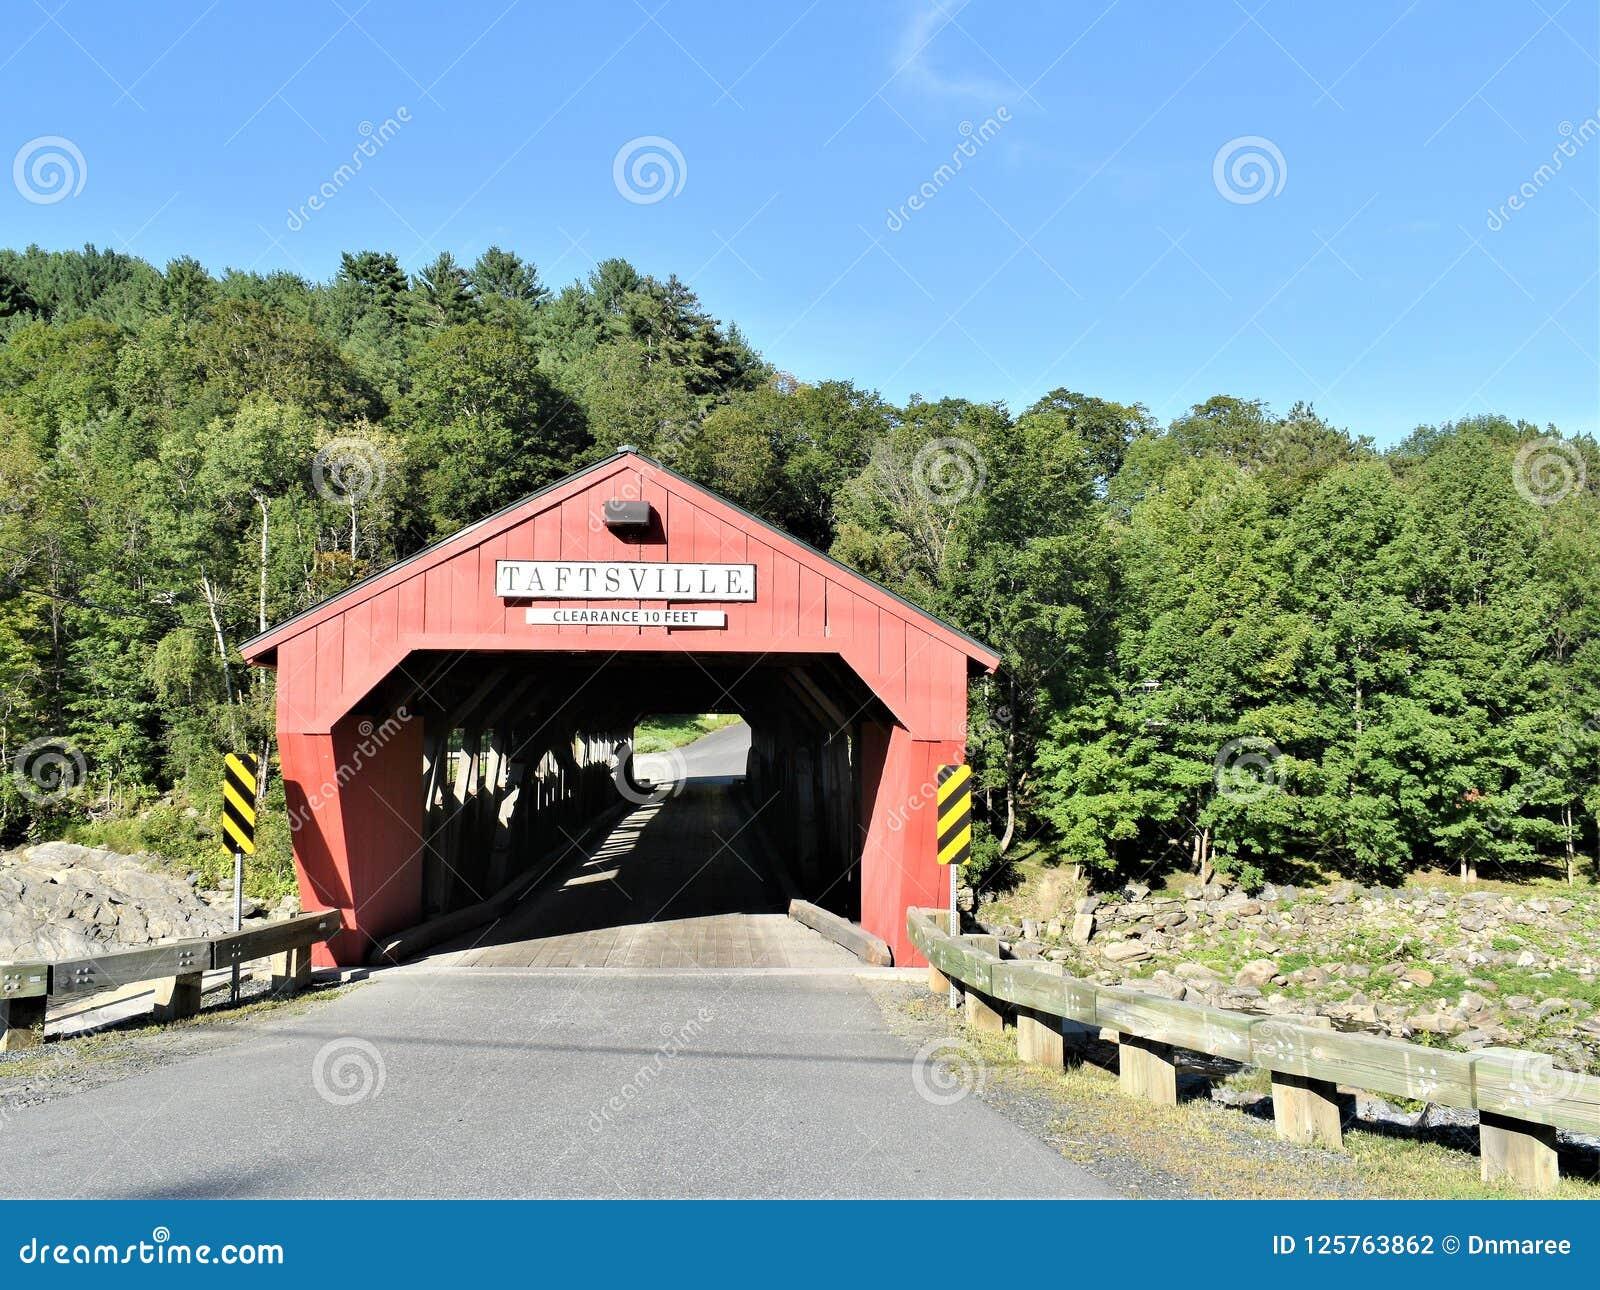 Καλυμμένη Taftsville γέφυρα στο χωριό Taftsville πόλη Woodstock, κομητεία Windsor, Βερμόντ, Ηνωμένες Πολιτείες